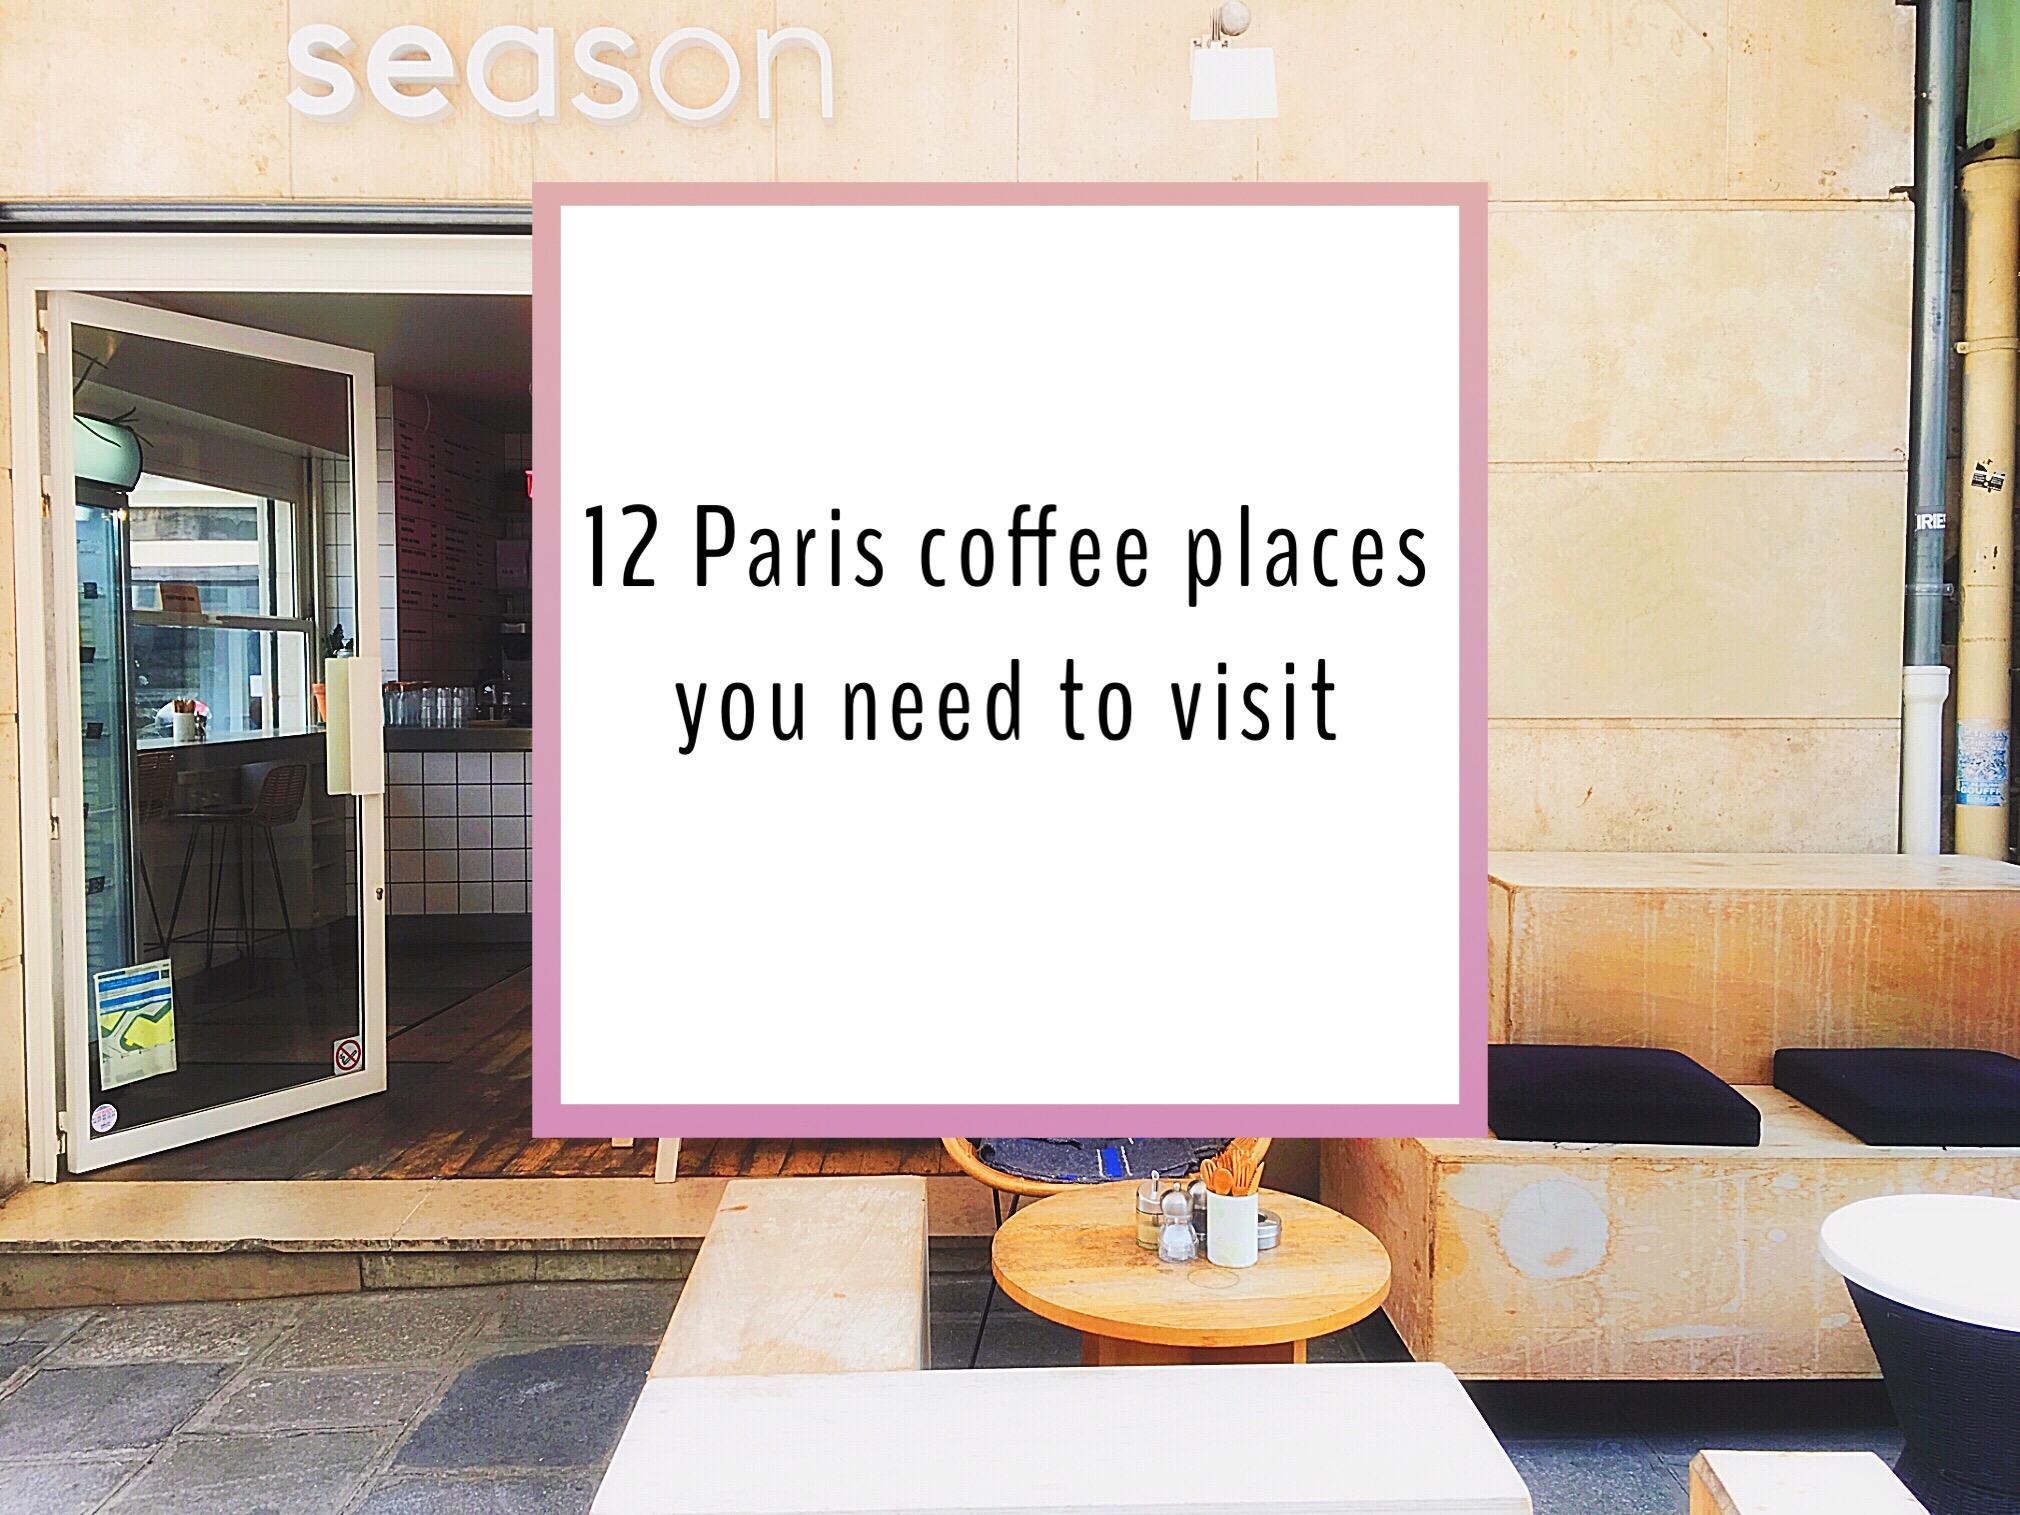 Paris coffee places